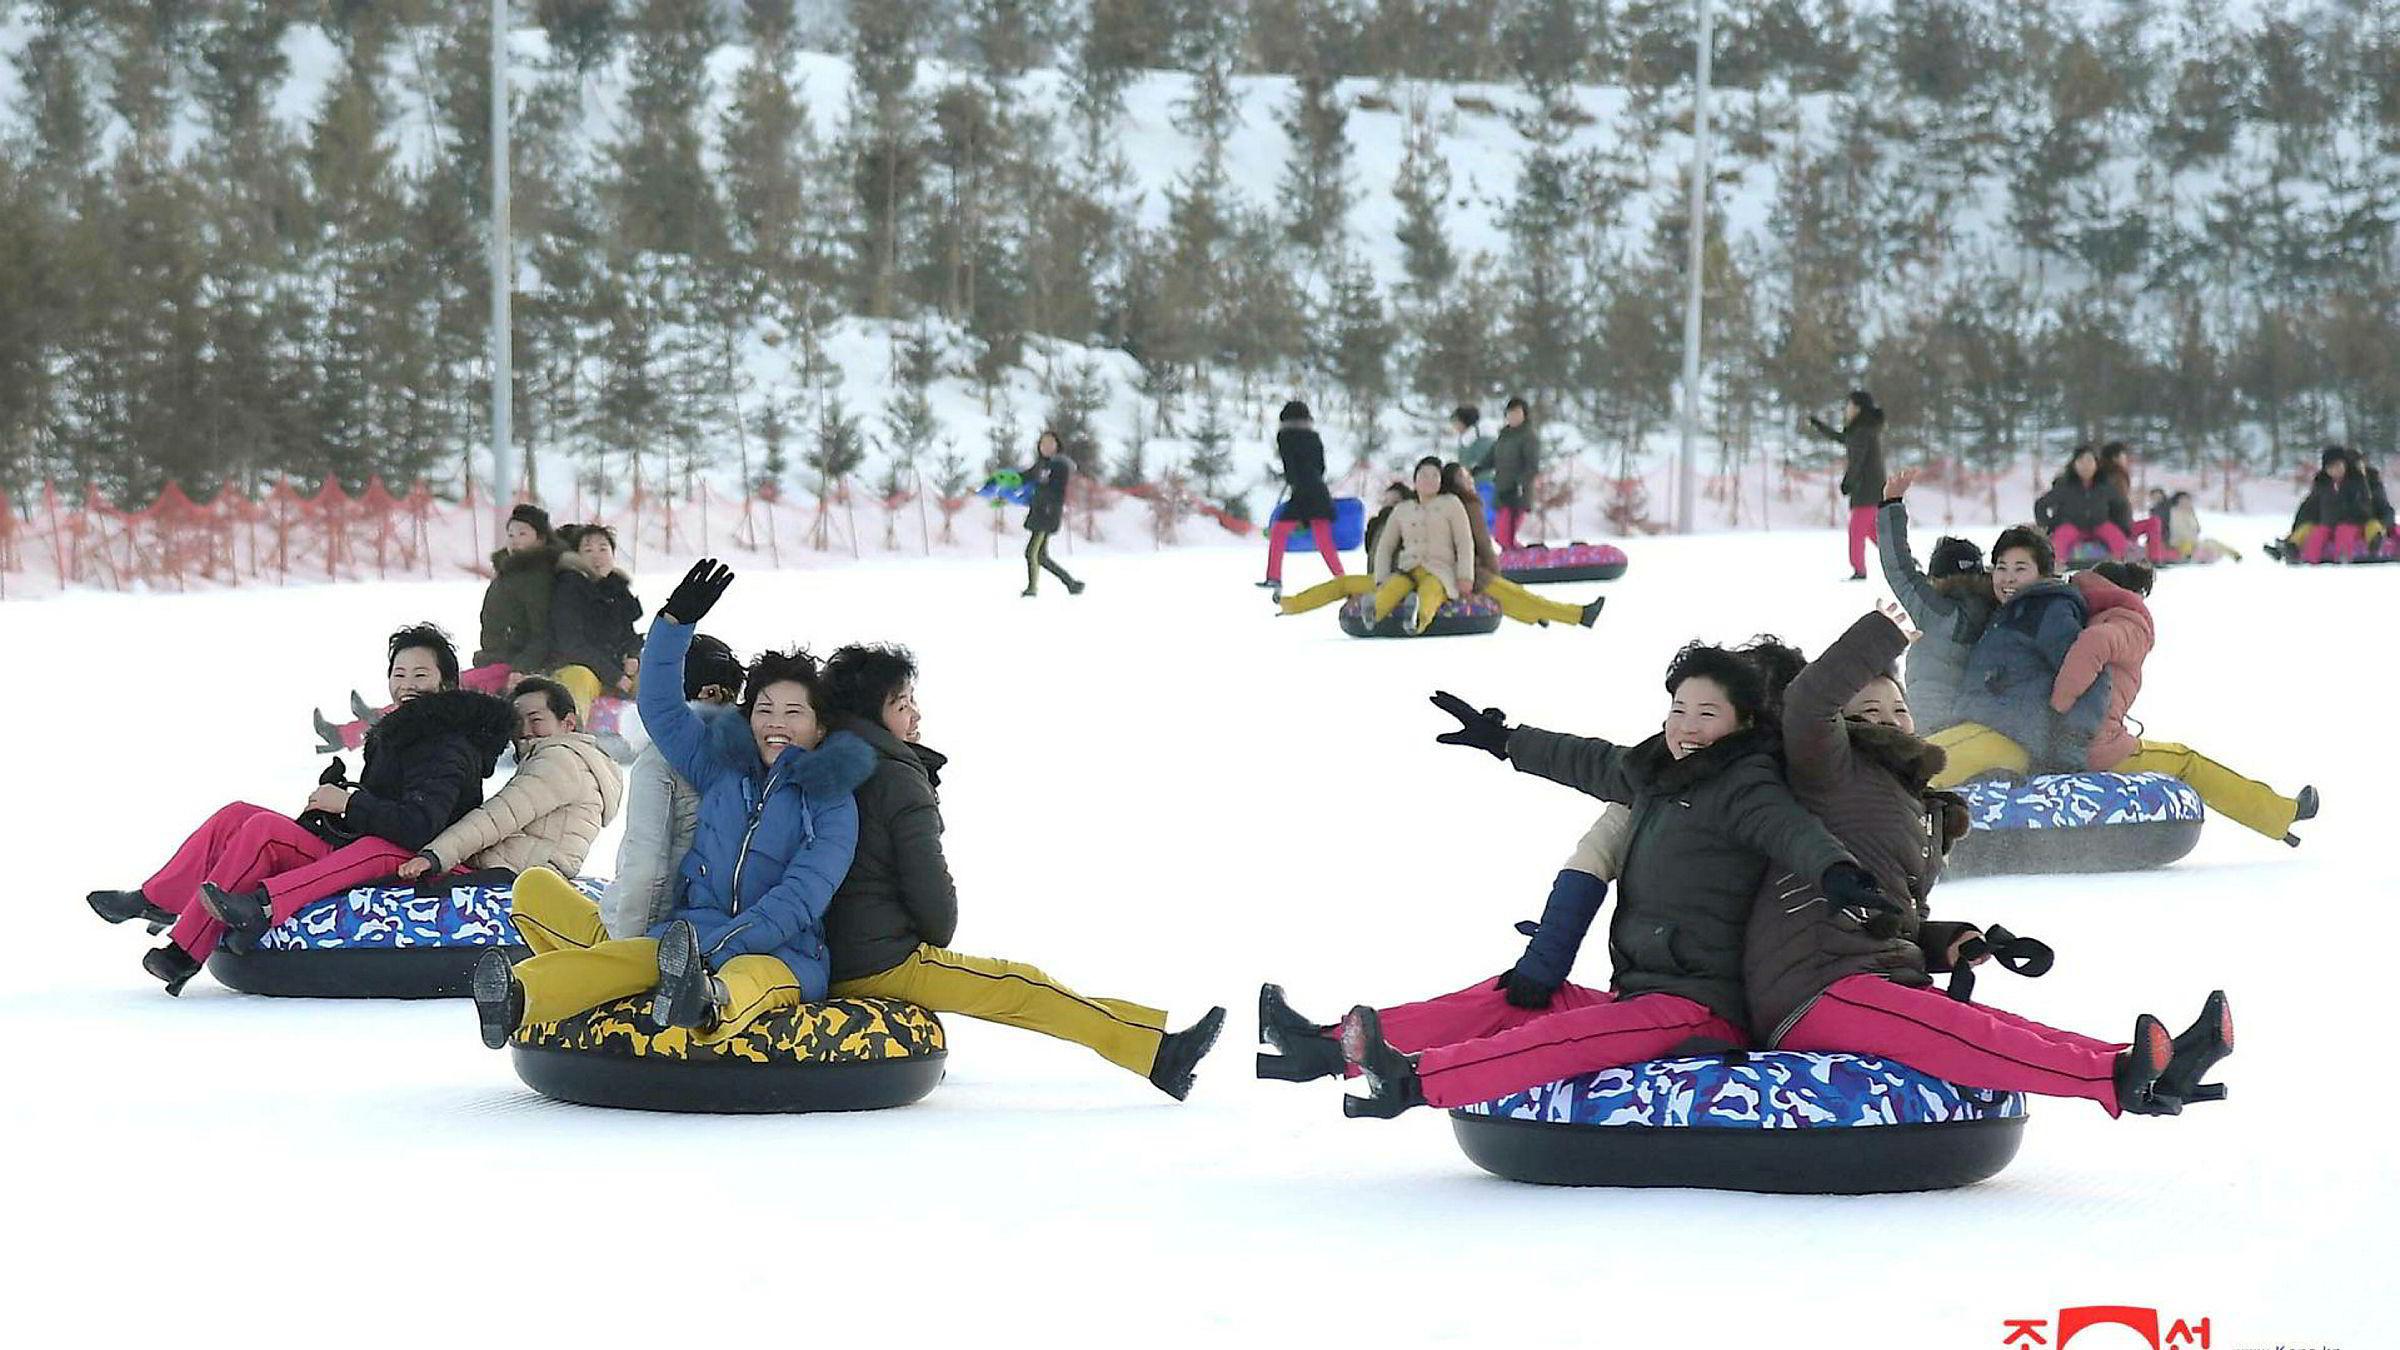 Folk fryder seg i snøen med akeputer i Yangdok i Nord-Korea. Bildet som er sluppet av de koreanske myndighetene, er udatert.